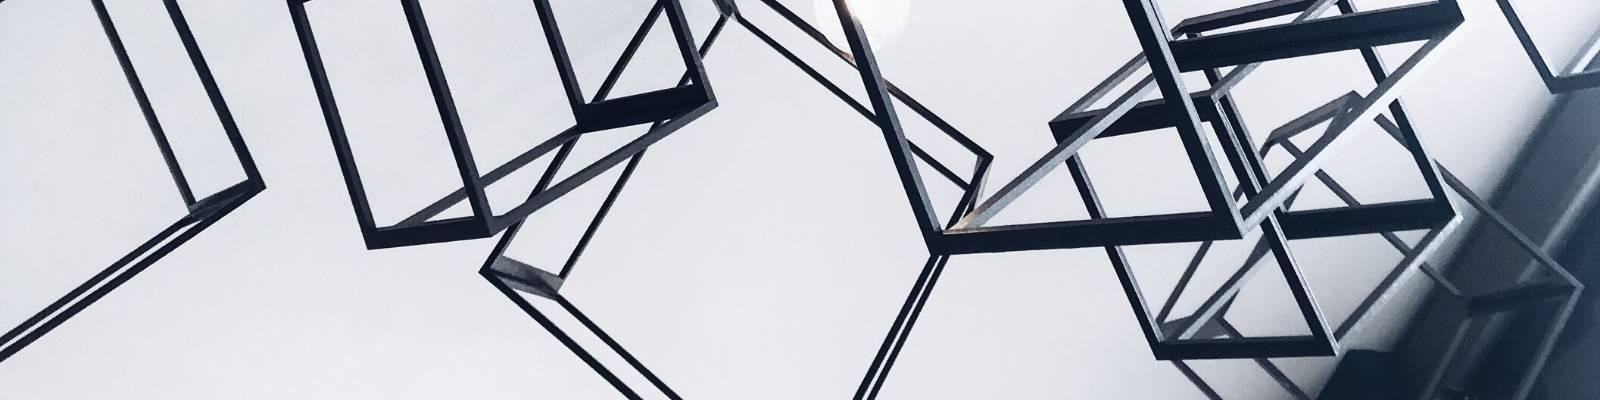 arquitectura web facturación negocio